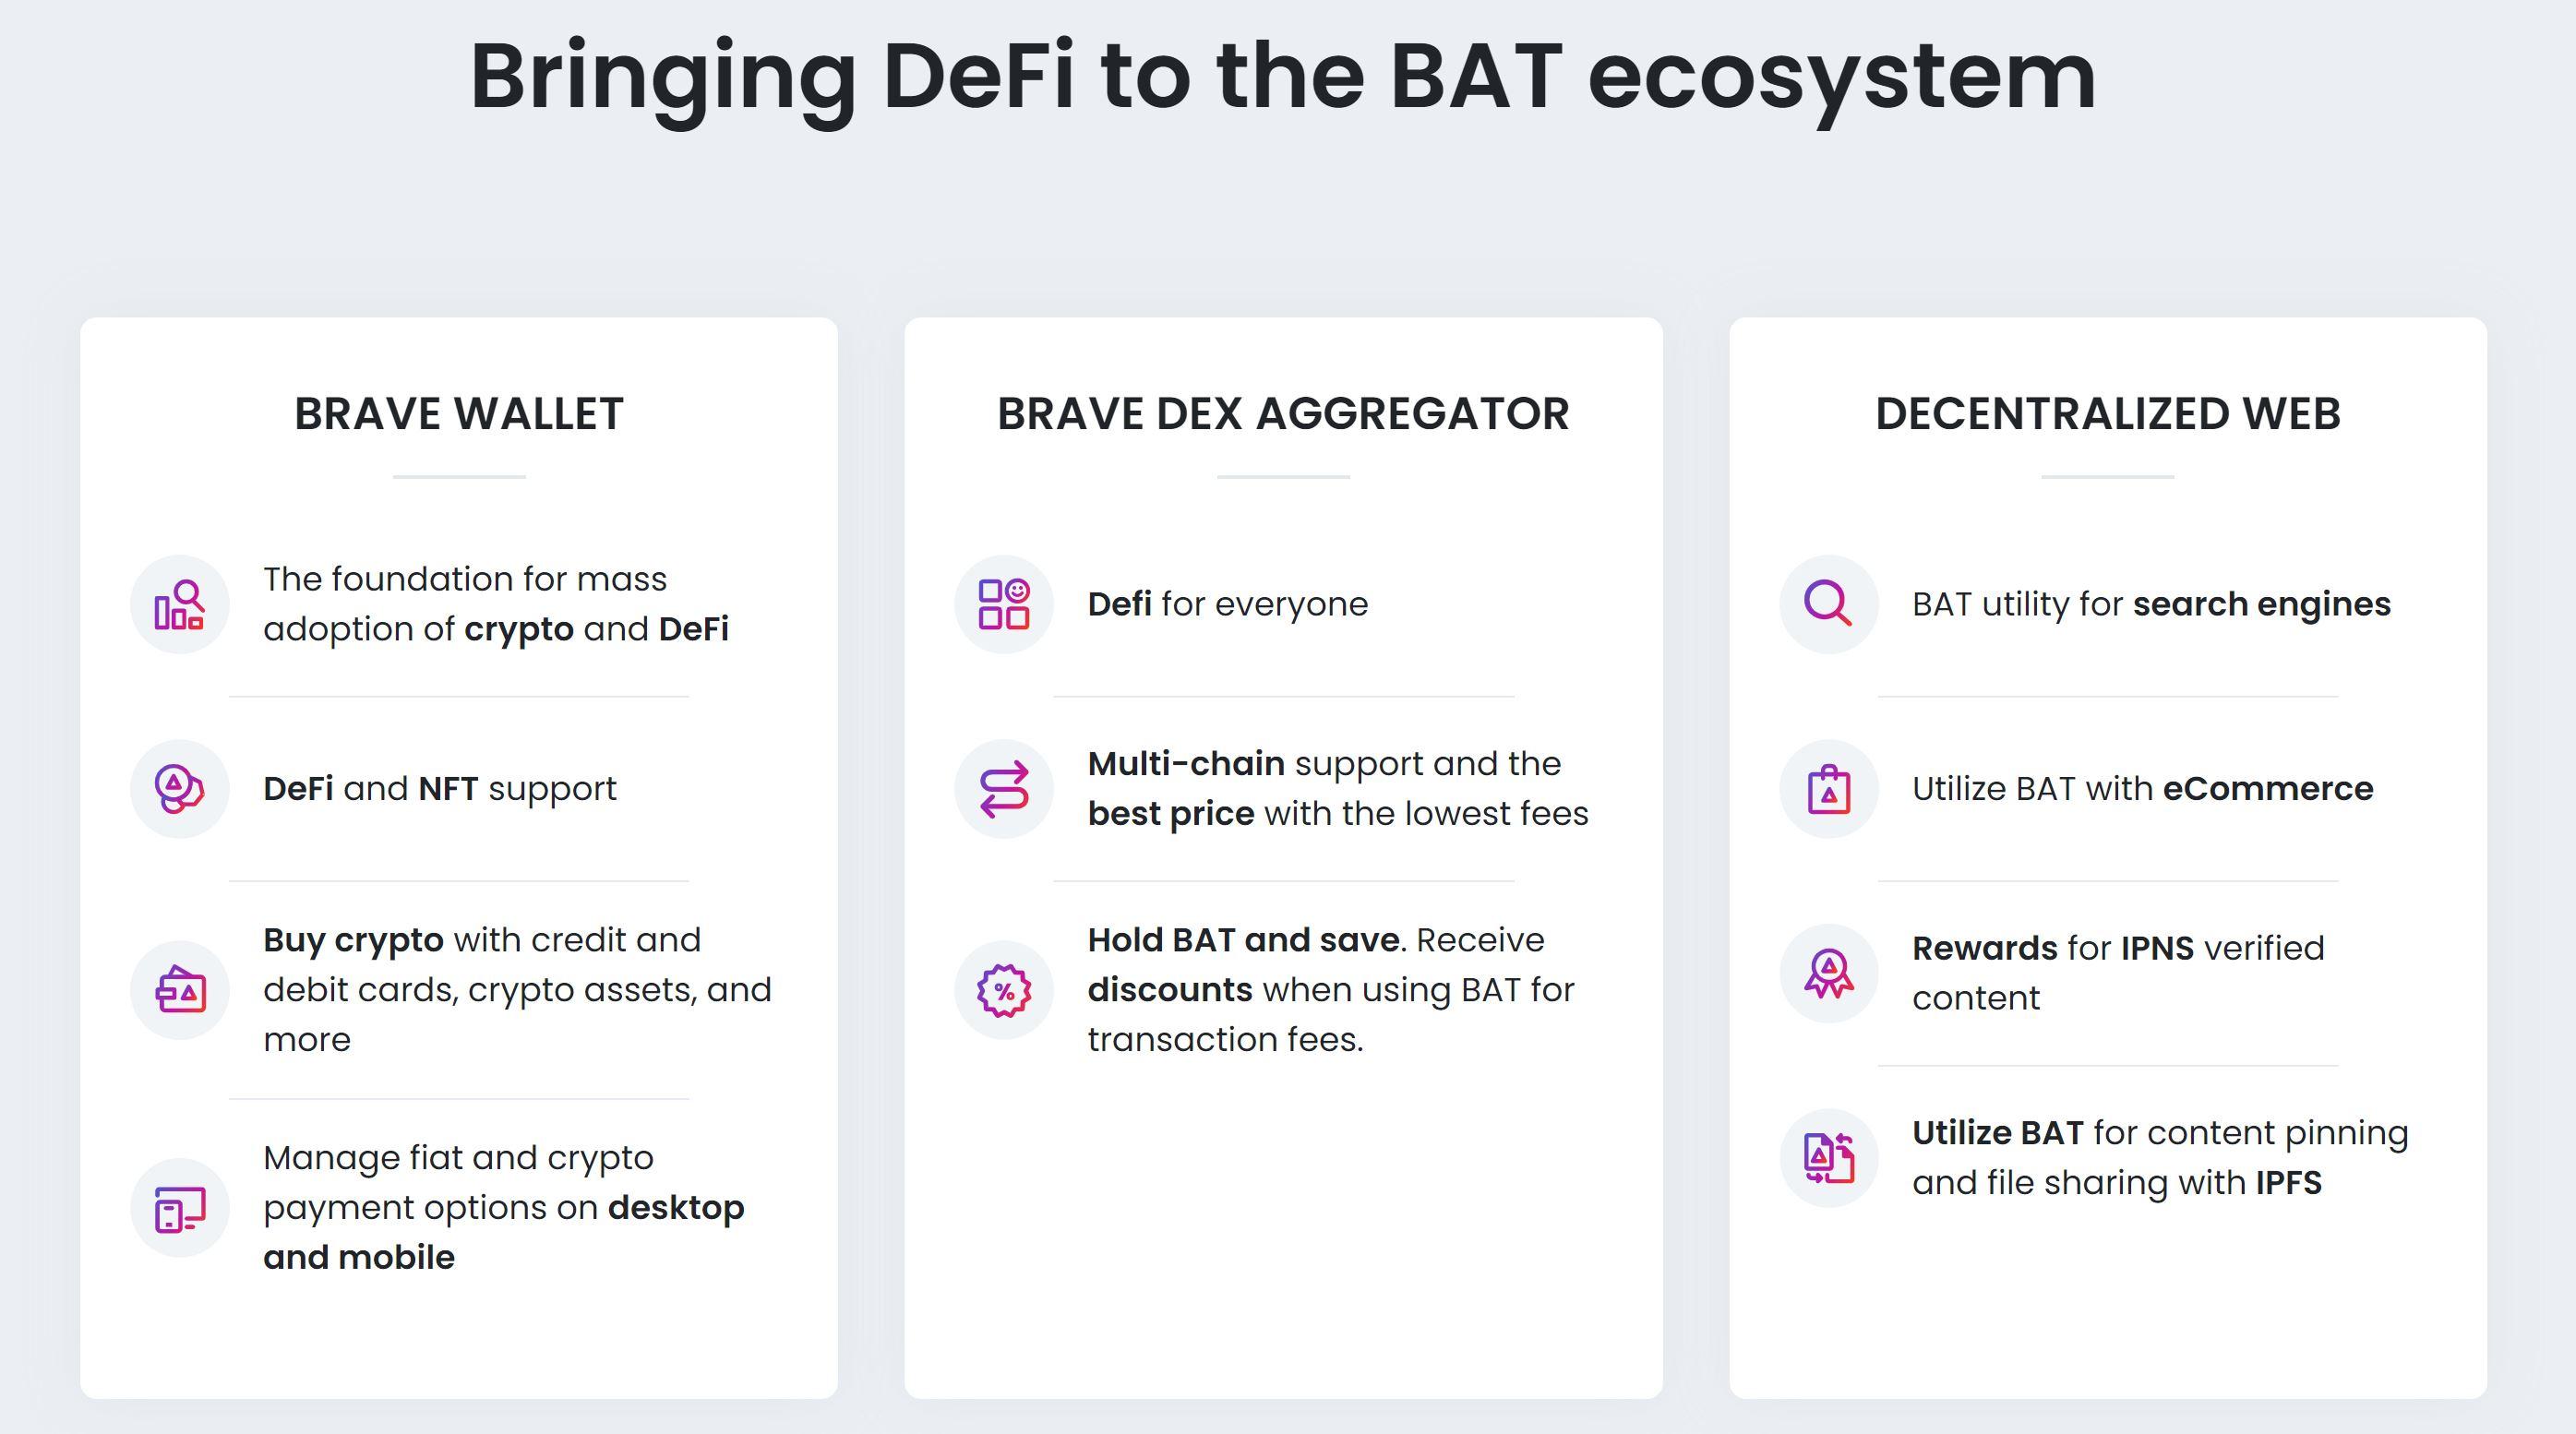 BAT-økosystem forklart